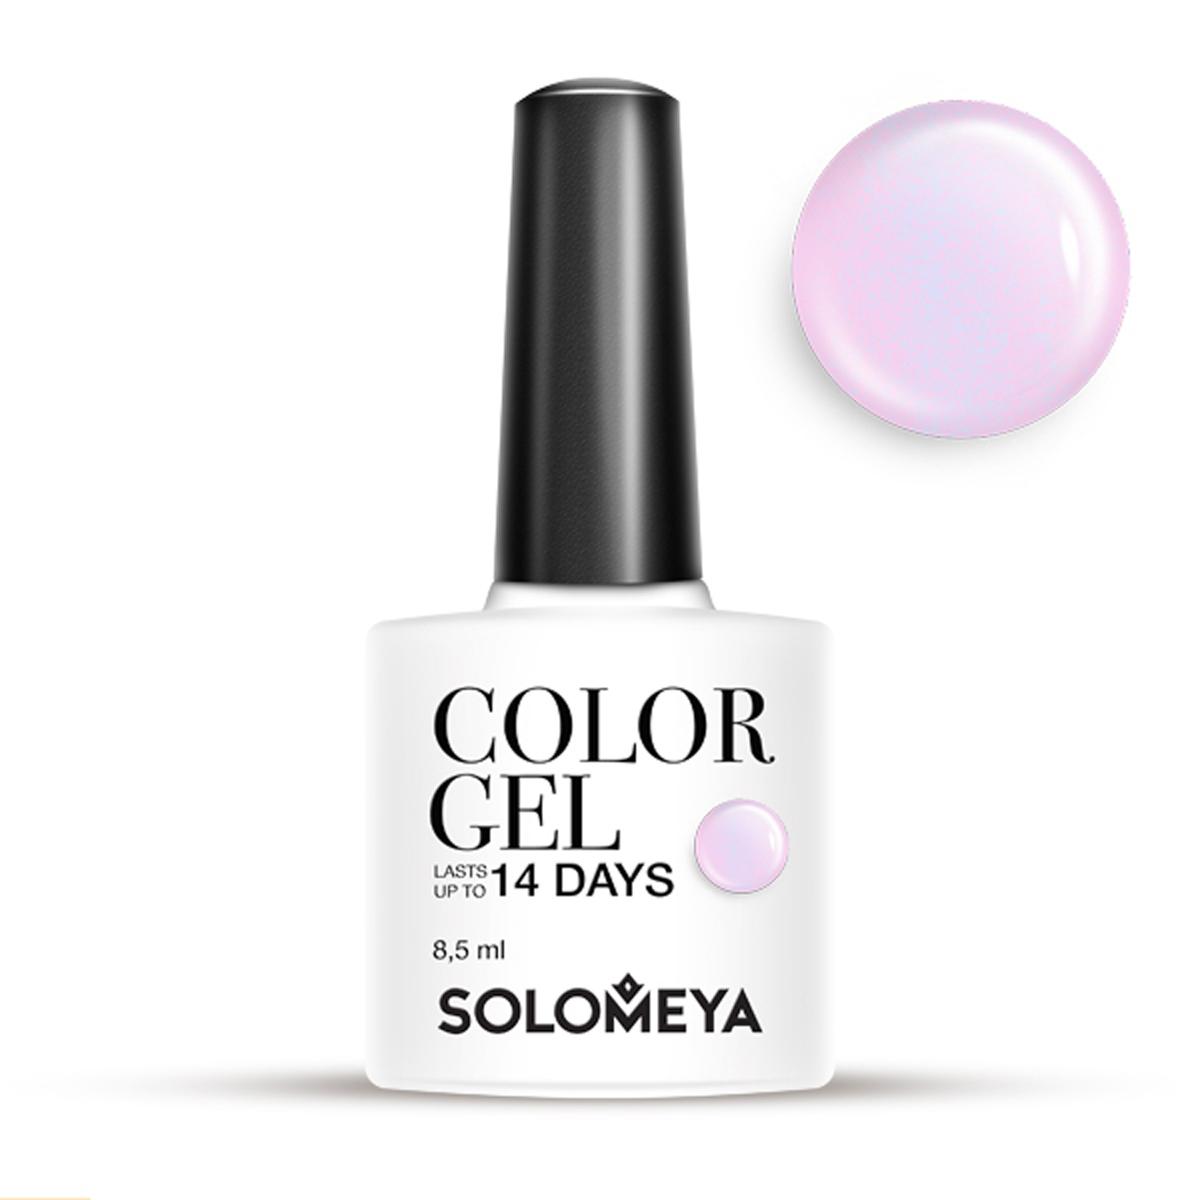 SOLOMEYA Гель-лак для ногтей SCG124 Розоватый / Color Gel Pinkish 8,5мл гель лак для ногтей solomeya color gel beret scg034 берет 8 5 мл